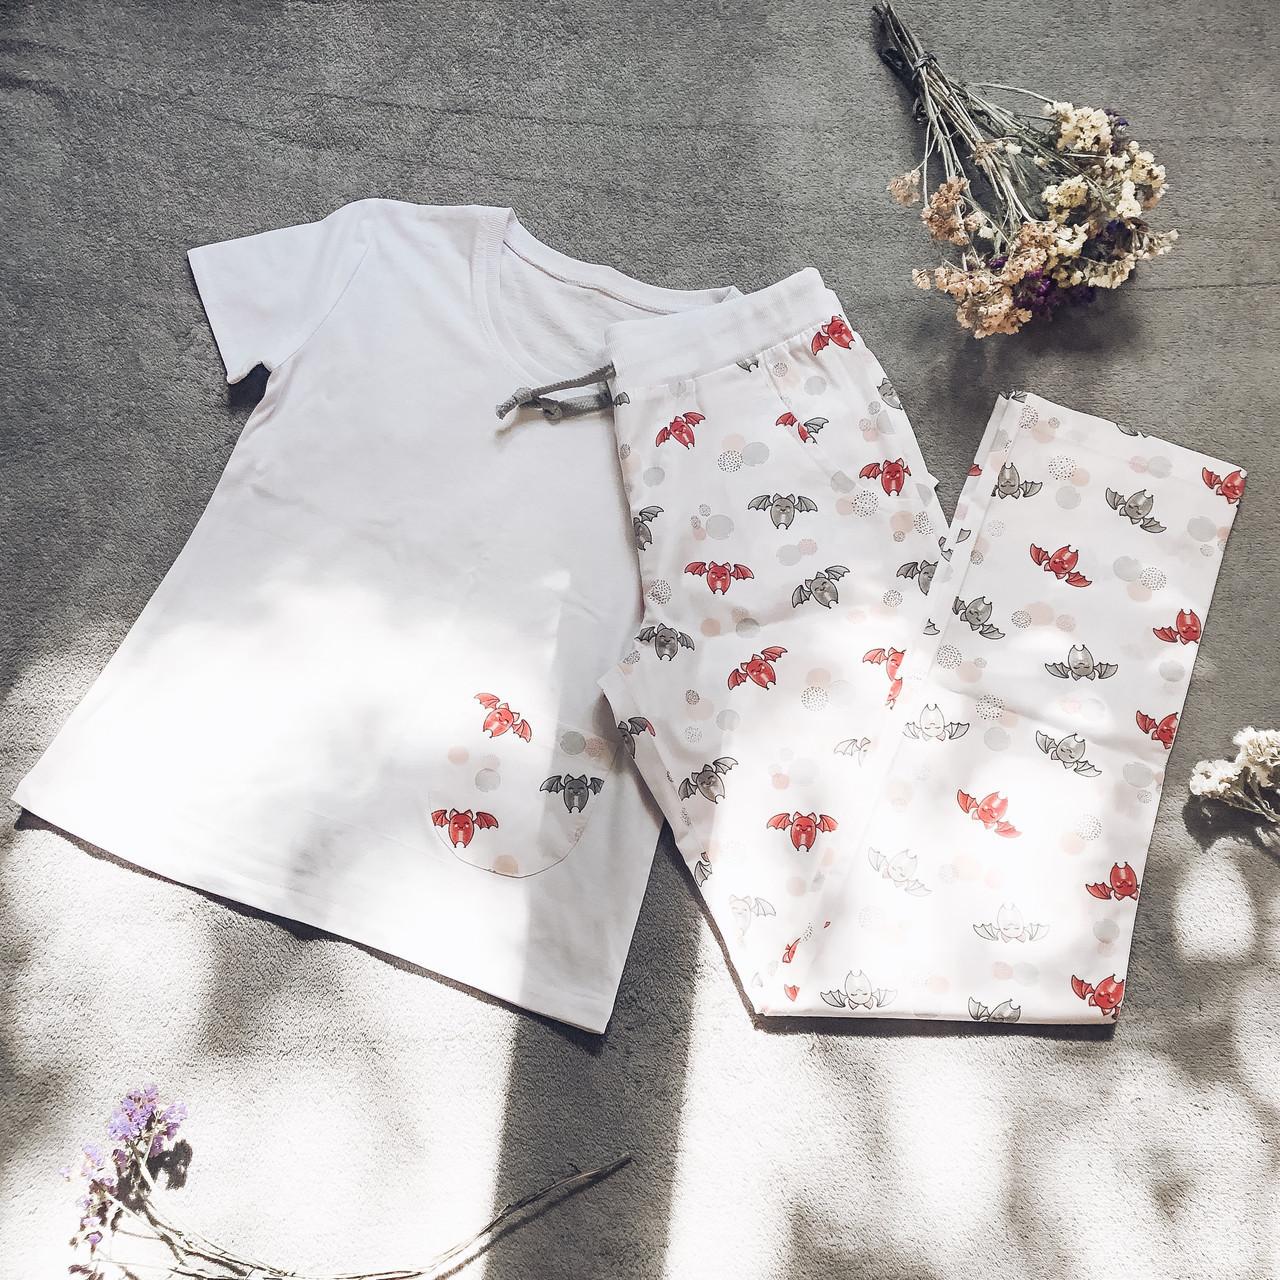 Детская пижама с футболкой Летучие Мыши 146 см